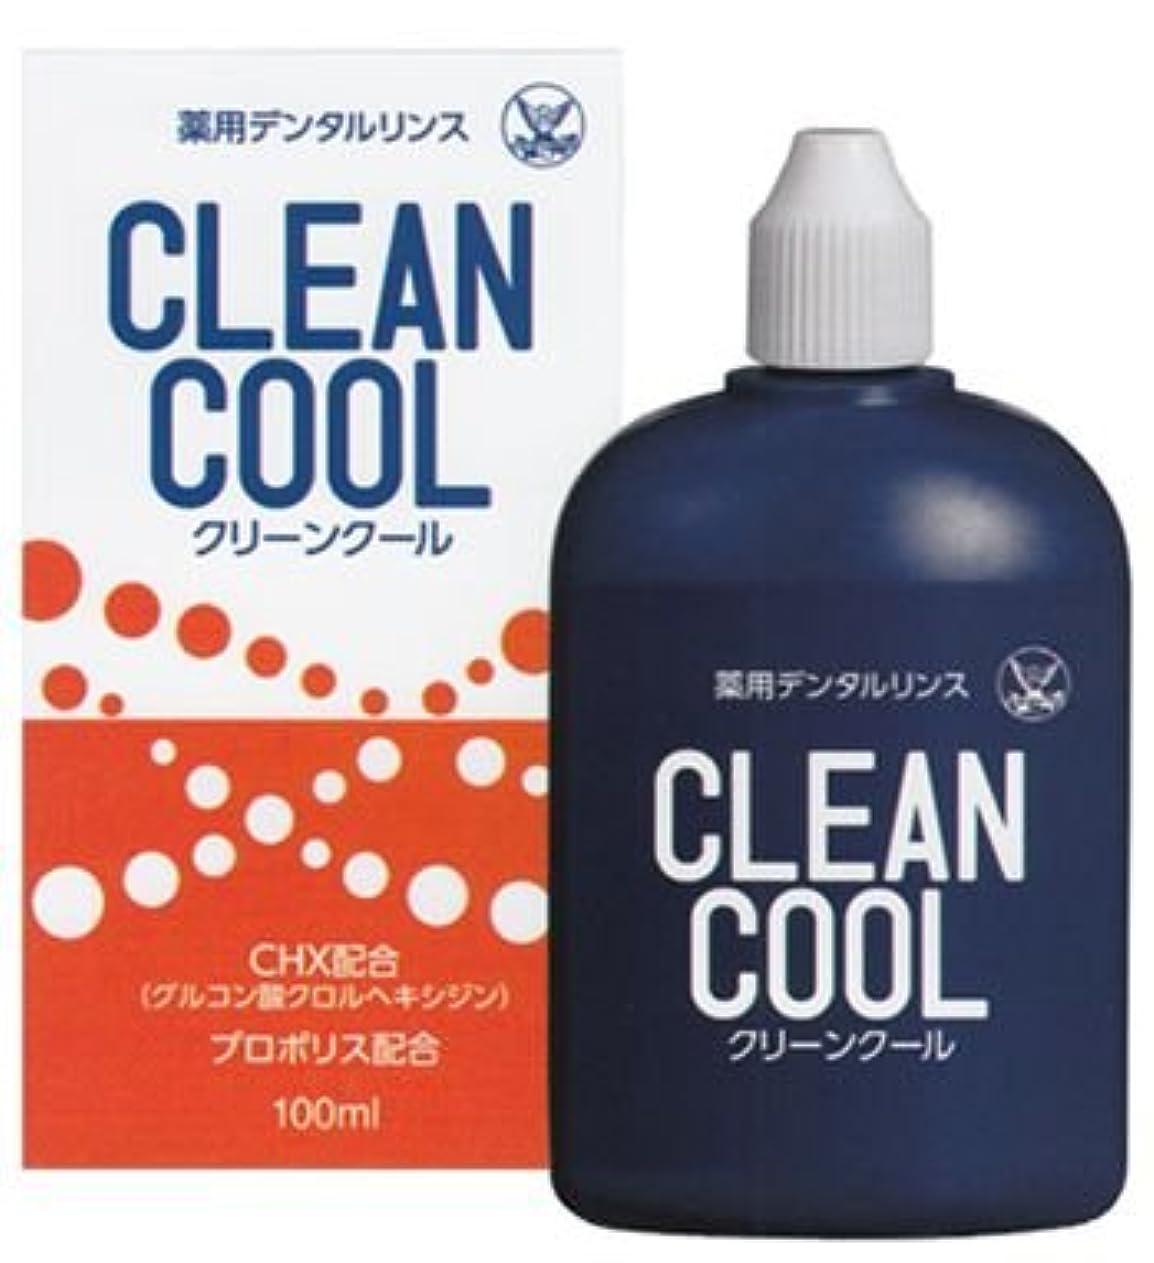 回復する準拠奪う薬用デンタルリンス クリーンクール (CLEAN COOL) 洗口液 100ml